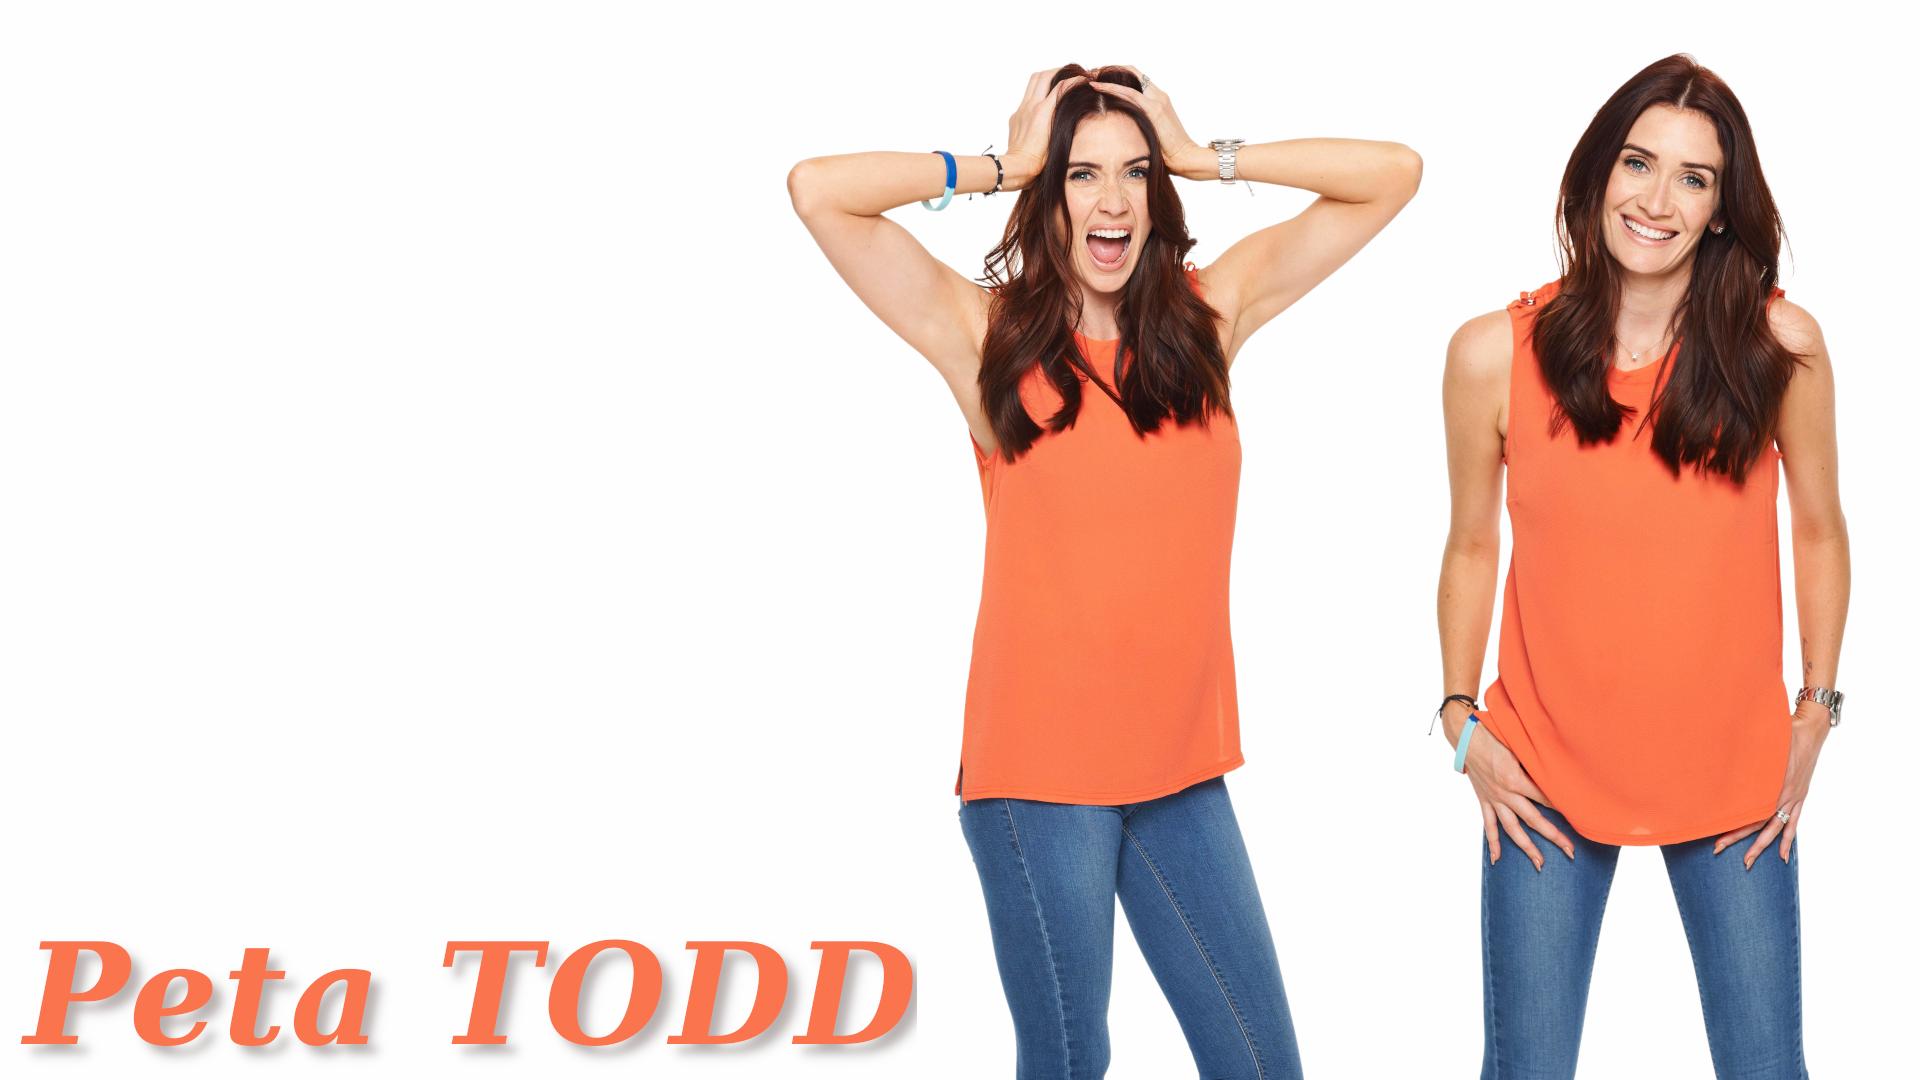 Todd peta Peta Todd